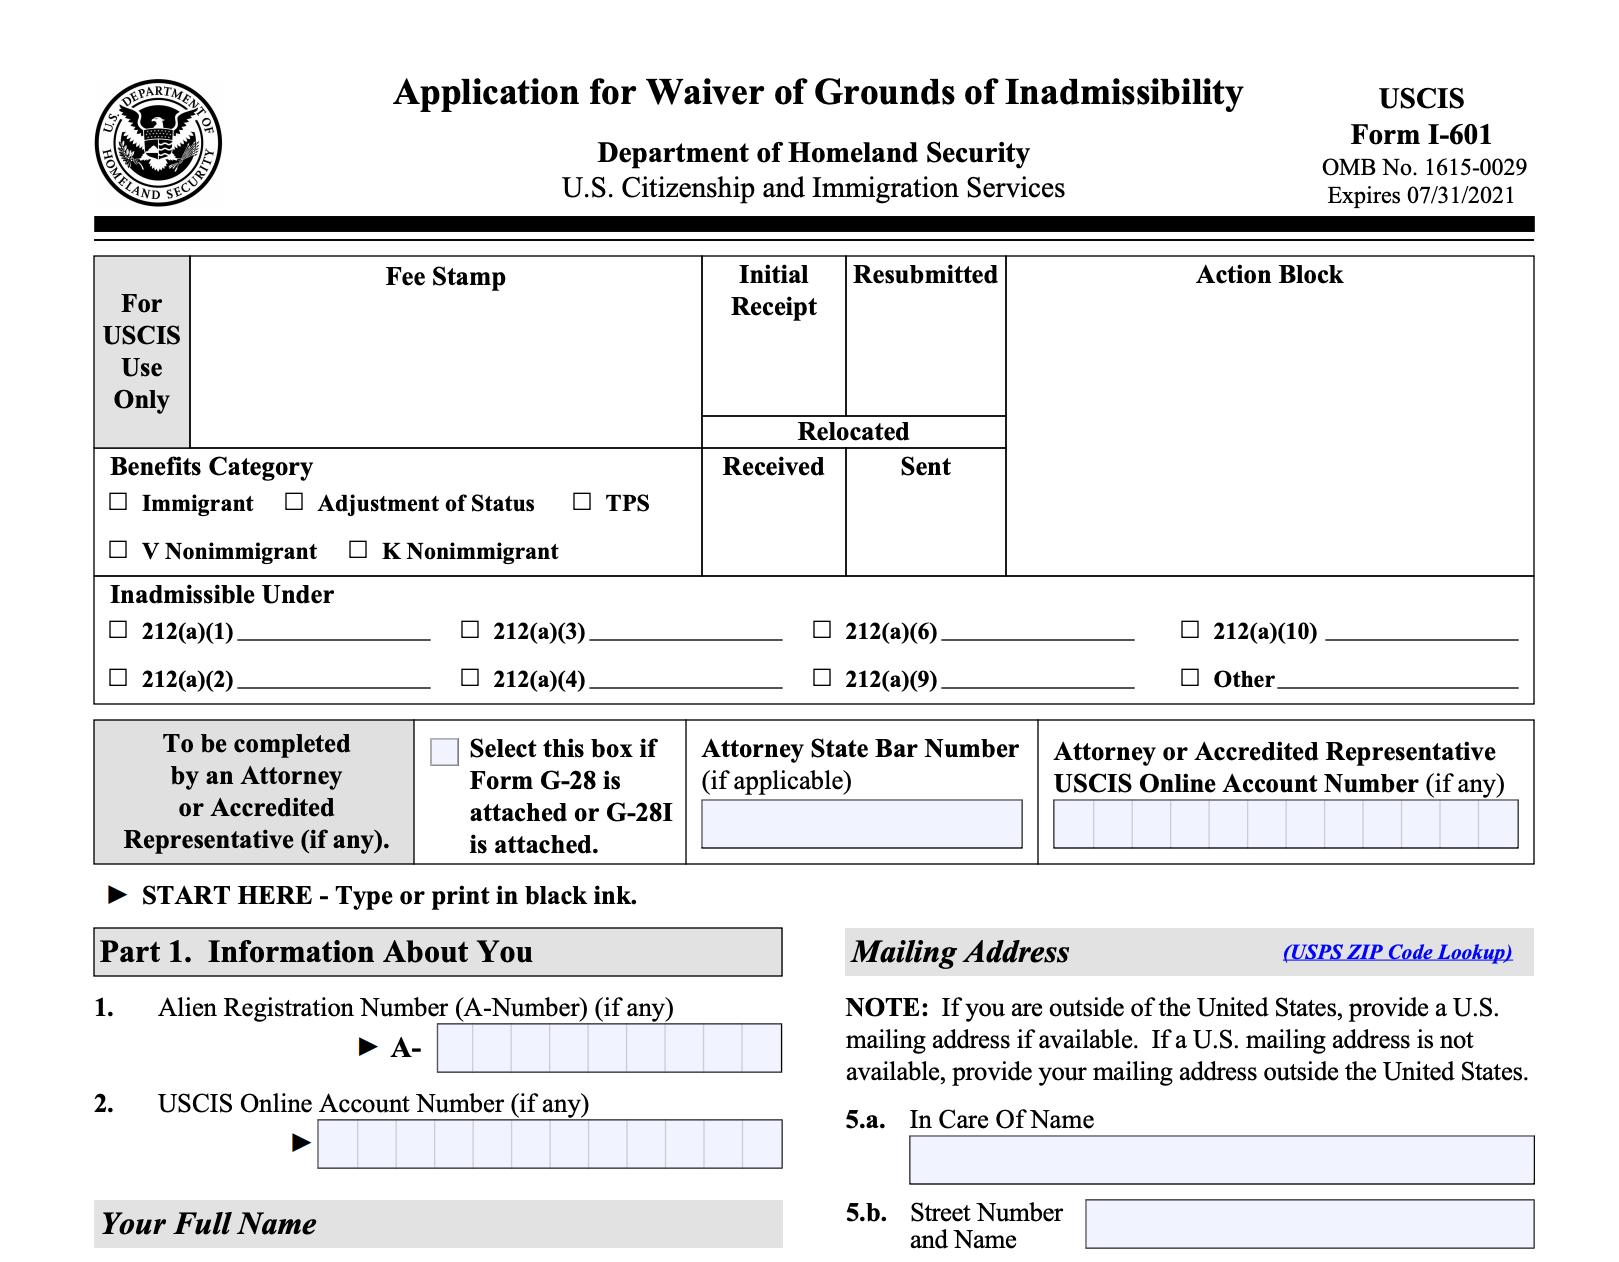 Form I-601